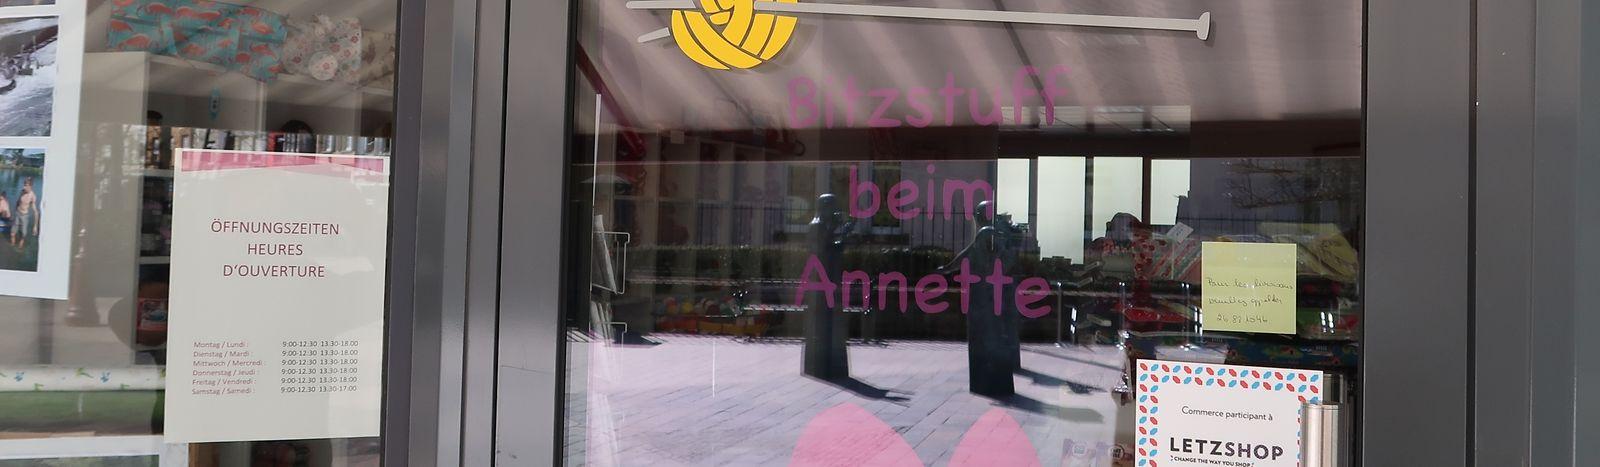 Das Geschäft Bitzstuff beim Annette wird vorübergehend keine Miete an die  Gemeinde zahlen müssen.